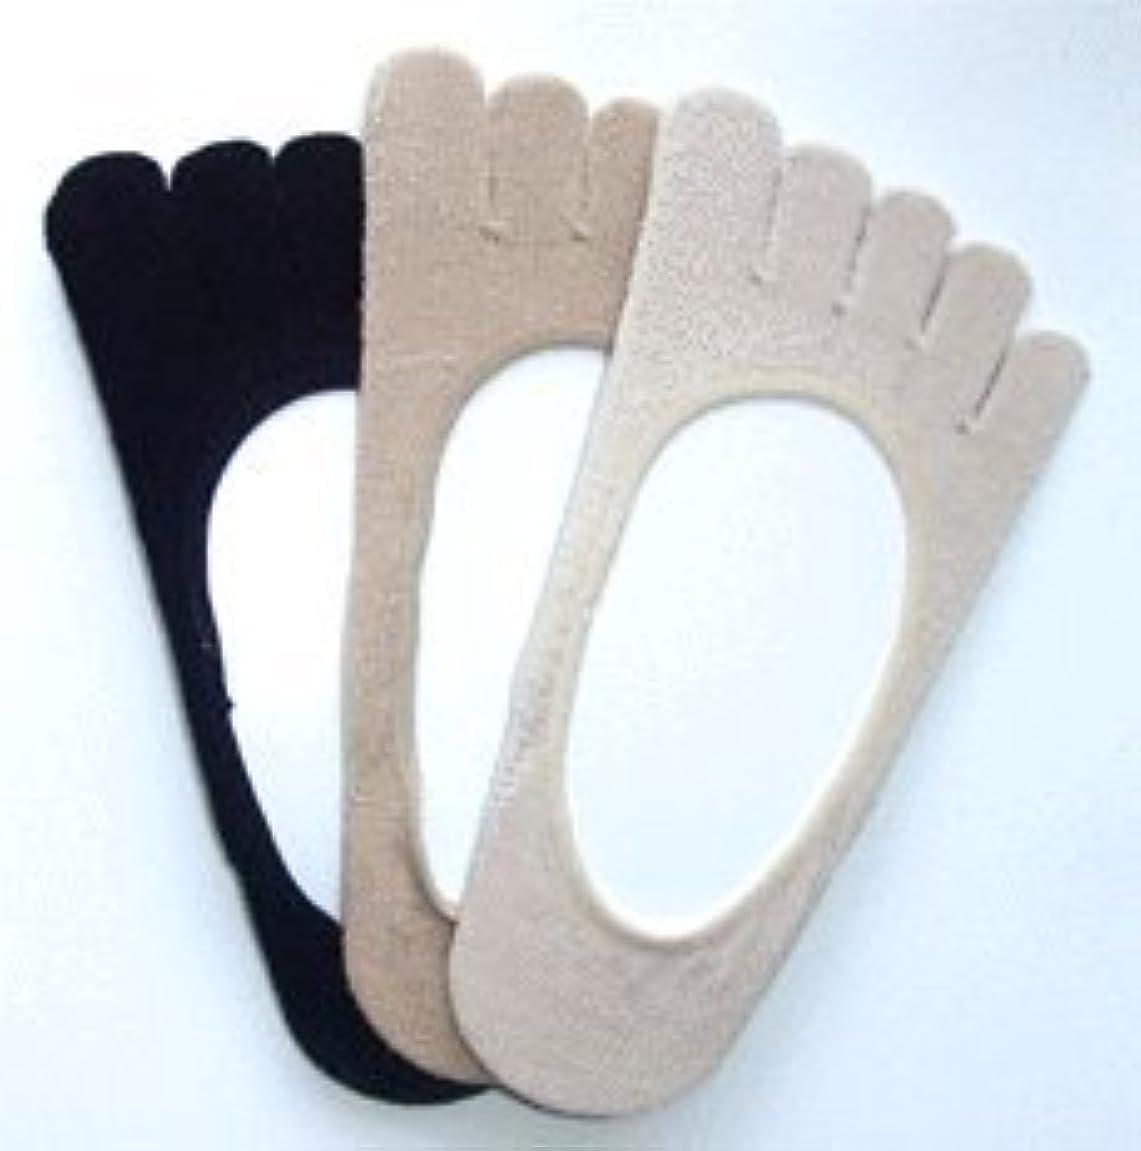 仲間取り消すきつく日本製 シルク五本指 フットカバー パンプスインソックス 3足組(ベージュ系2足、黒色1足)